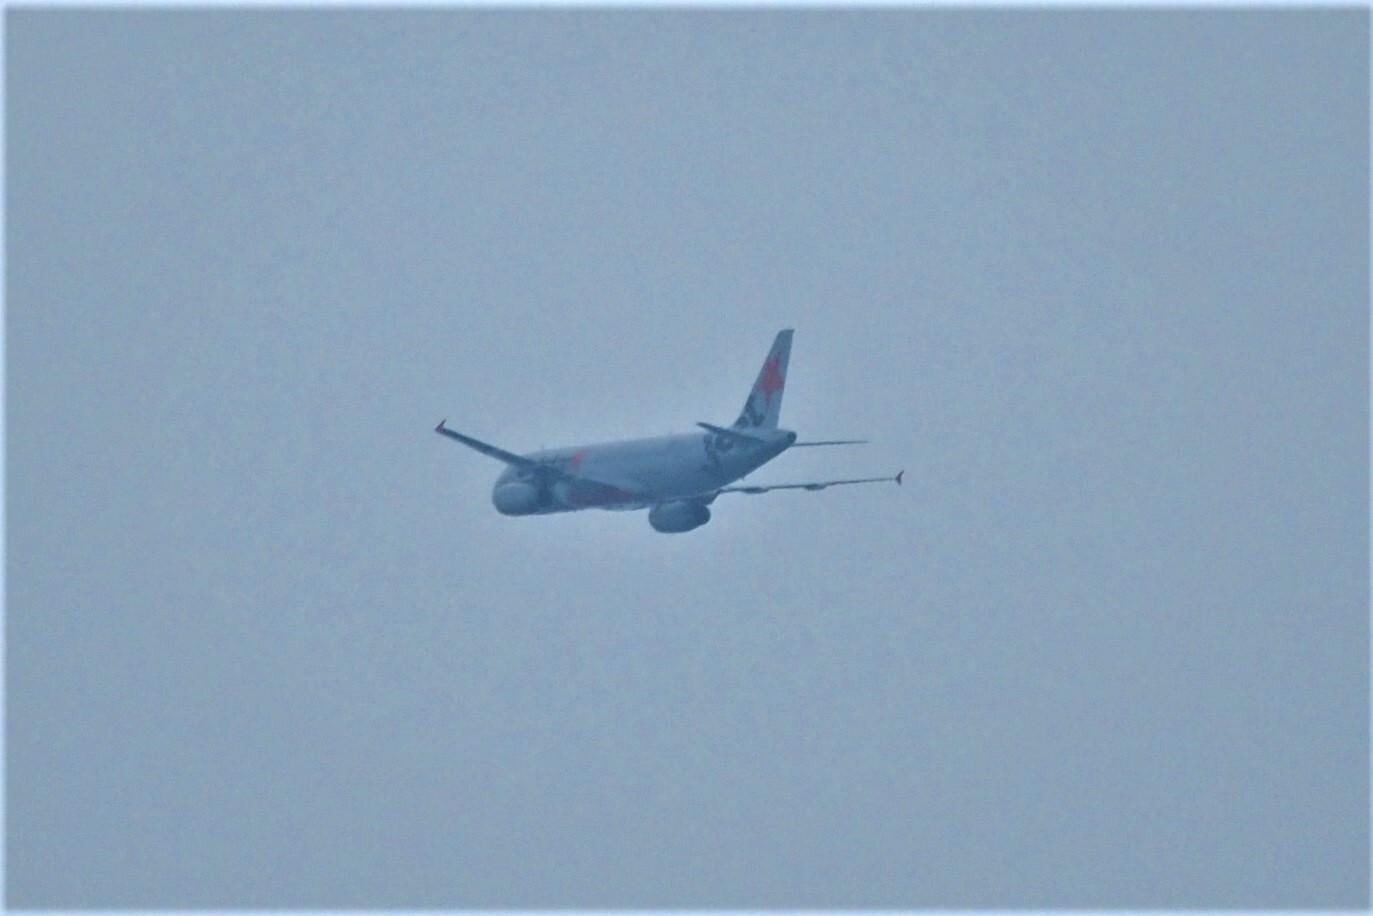 福岡空港から旅立つ飛行機をパシャリ。<br> ジェットスター?